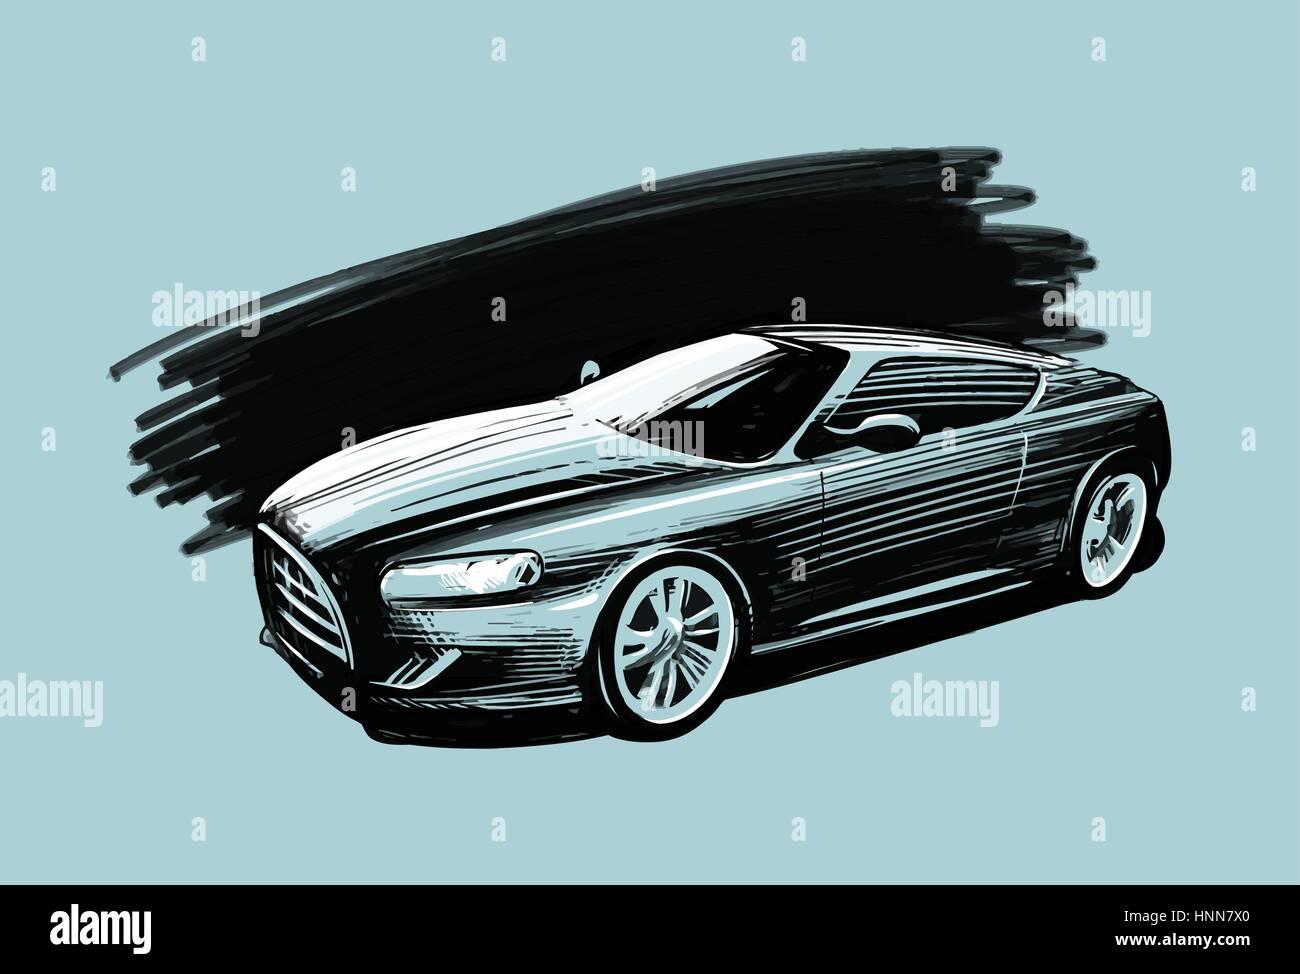 Concept Car Sketch Stock Photos & Concept Car Sketch Stock Images ...